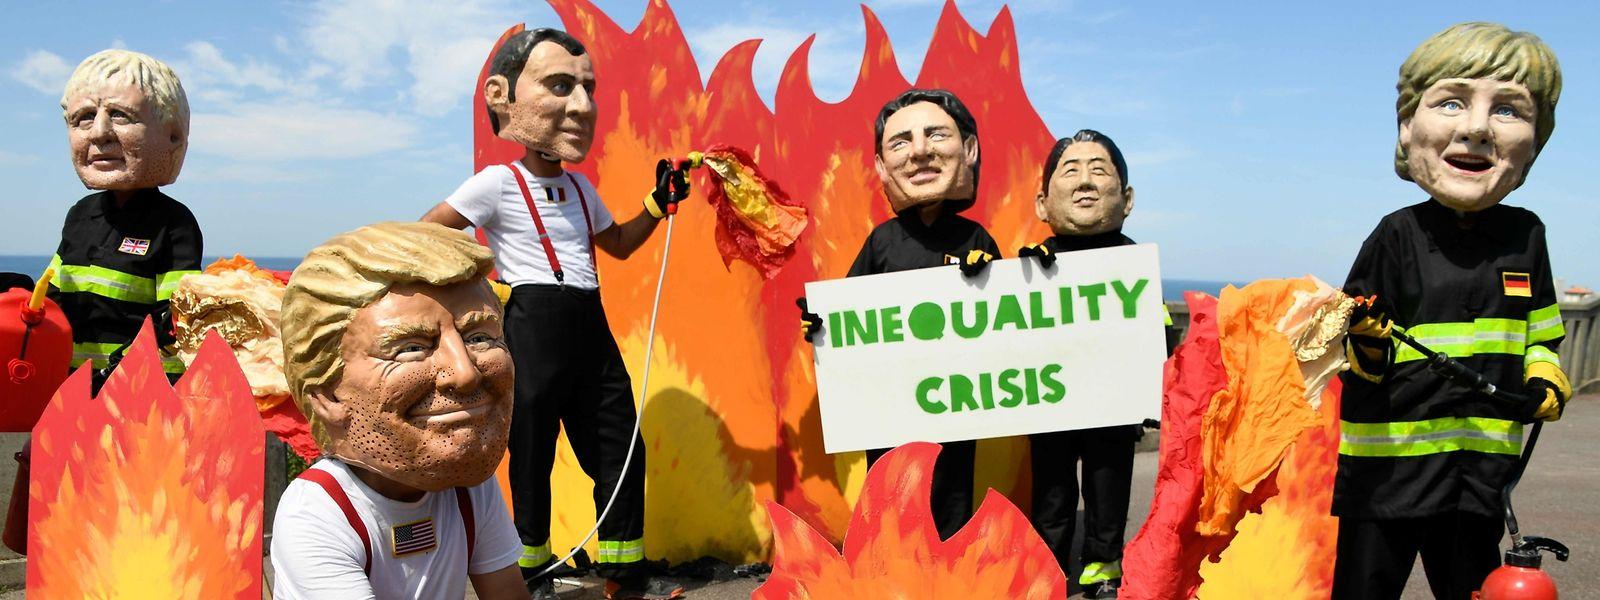 Des activistes d'OXFAM ont manifesté à Biarritz pour pointer du doigt l'indifférence des dirigeants des pays les plus puissants face aux incendies qui détruisent actuellement la forêt amazonienne.